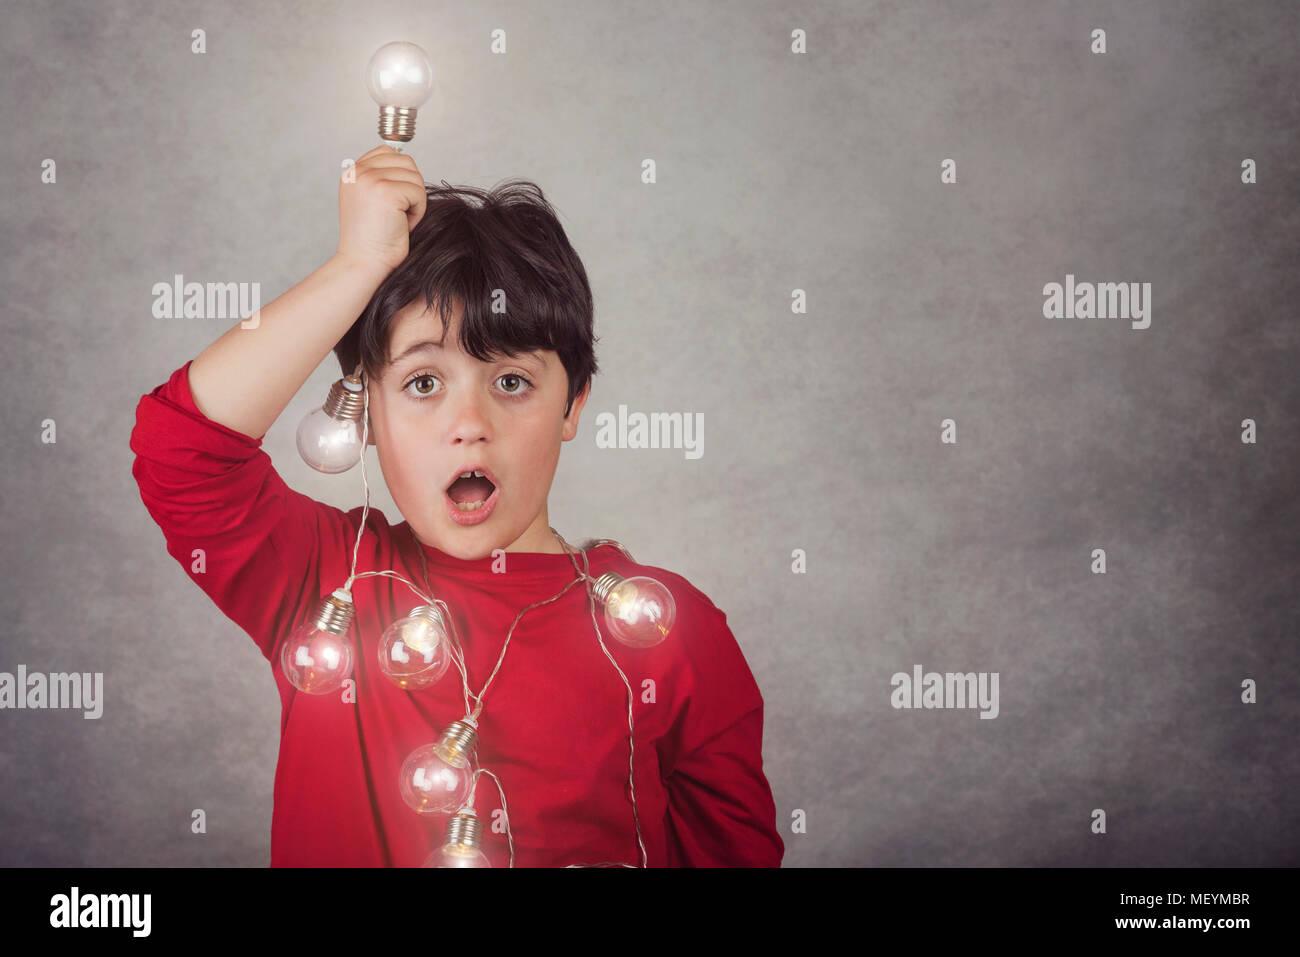 Ragazzo sorpreso con lampadine su sfondo grigio Immagini Stock